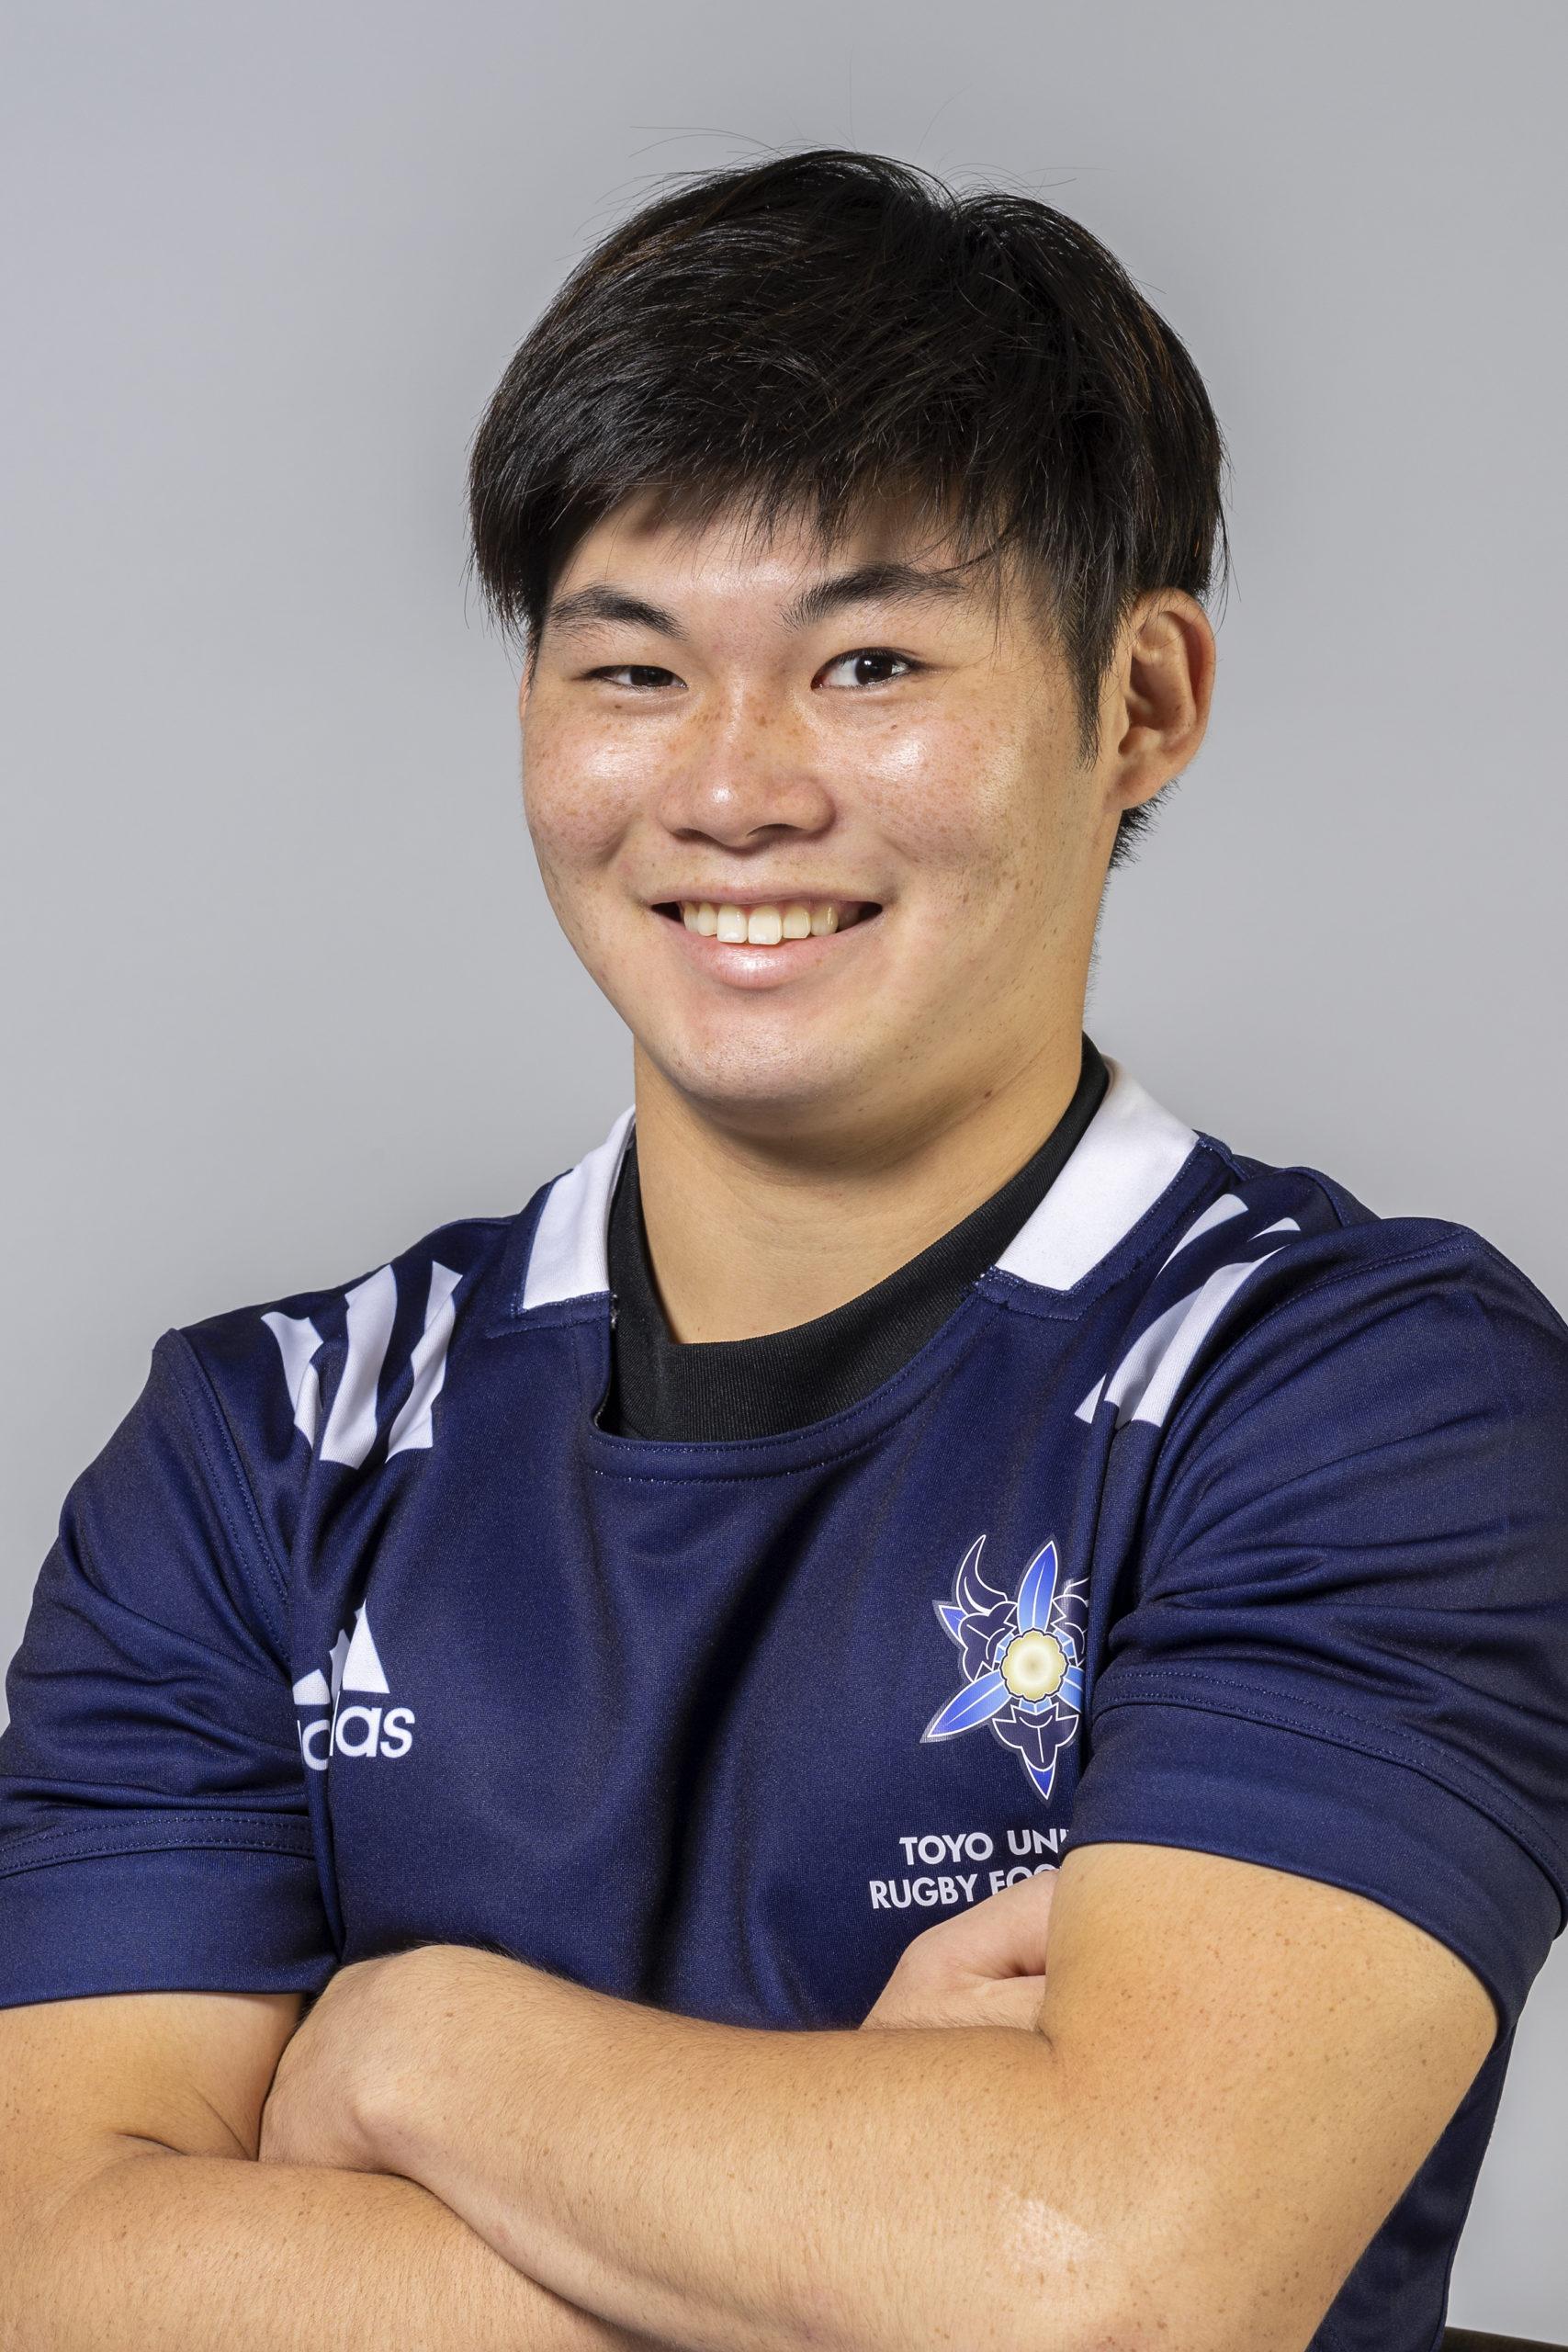 清水 良太郎 / 学年リーダー